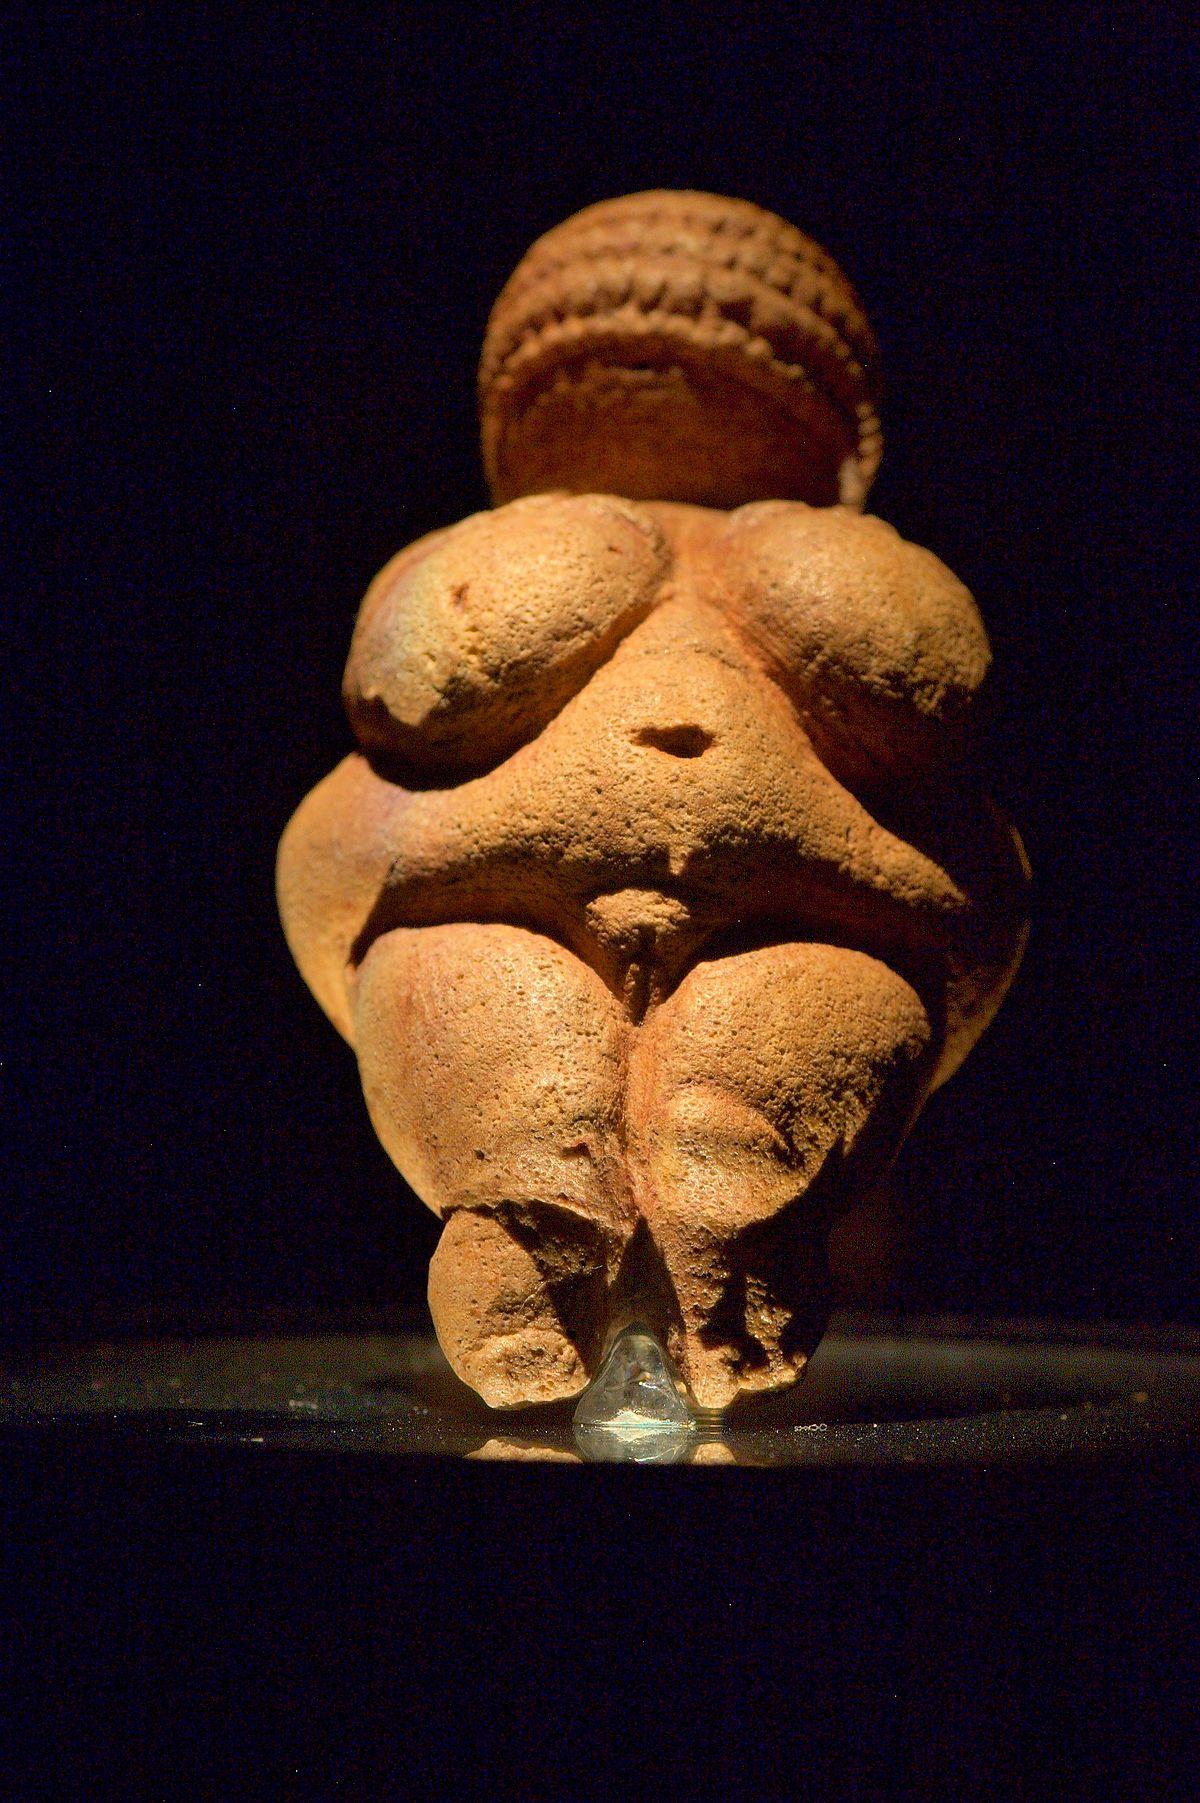 La vénus de Willendorf est une statuette en calcaire du Paléolithique supérieur.